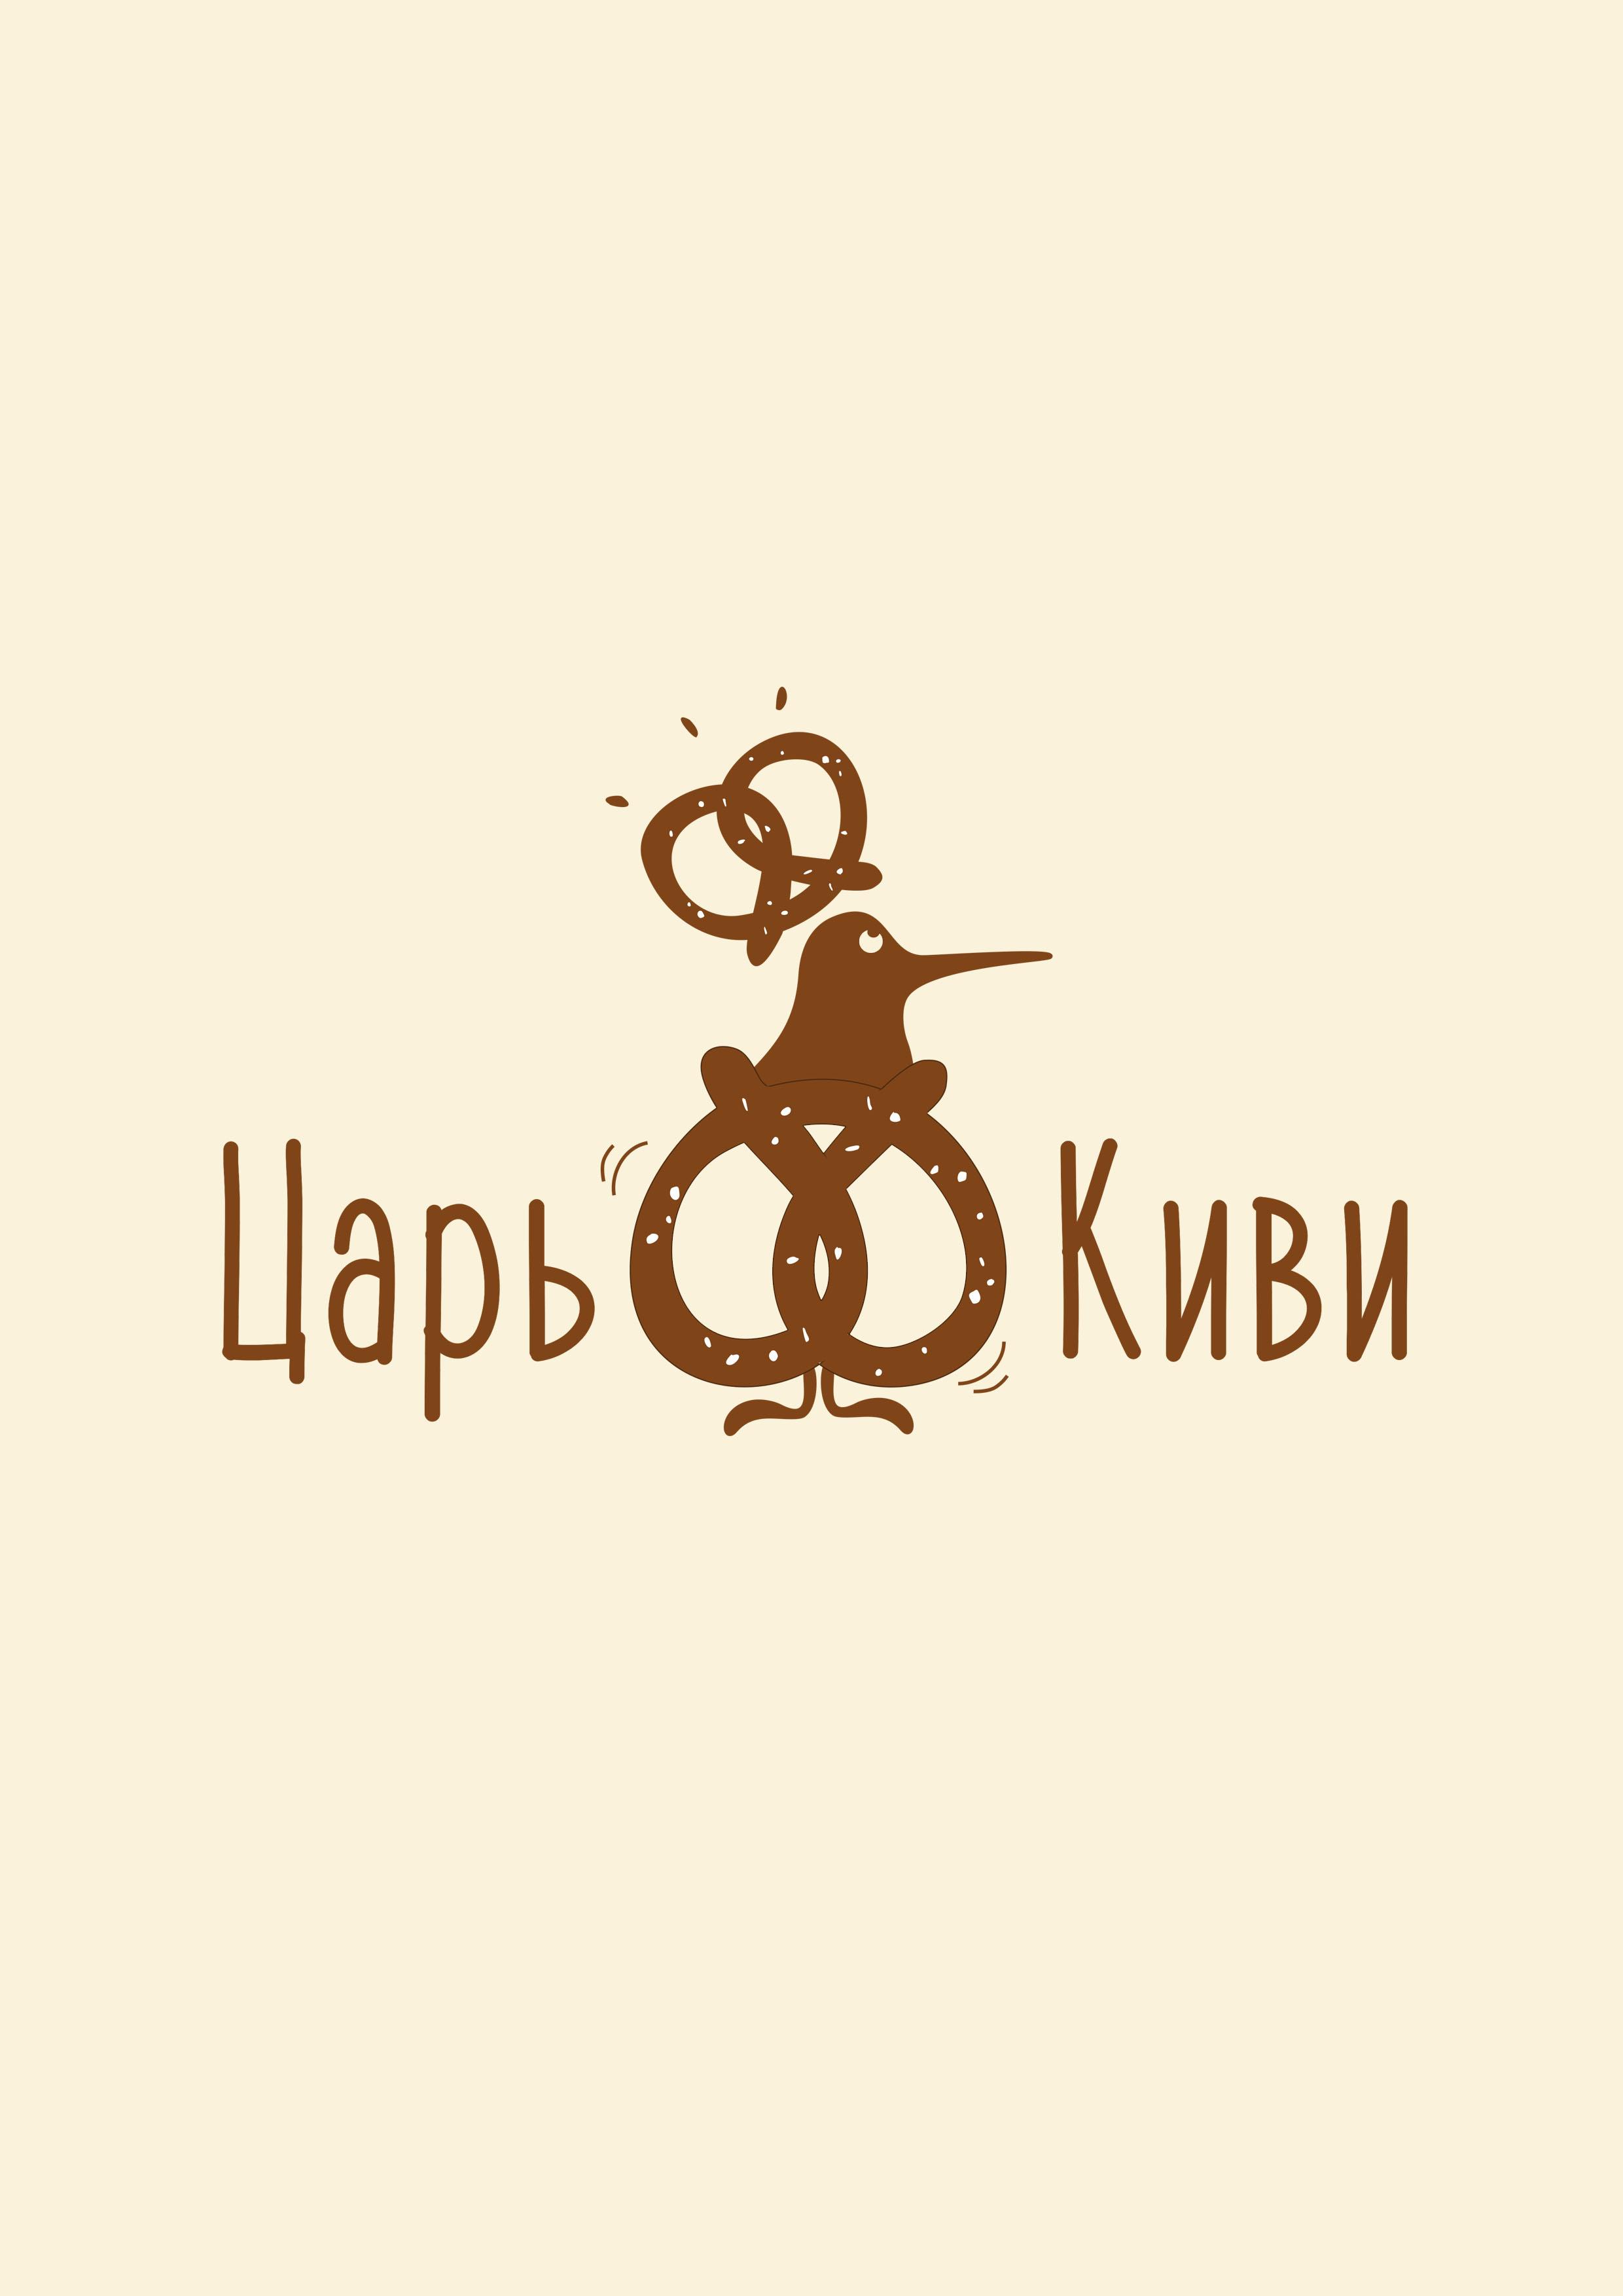 """Доработать дизайн логотипа кафе-кондитерской """"Царь-Киви"""" фото f_0995a058ebdae314.jpg"""